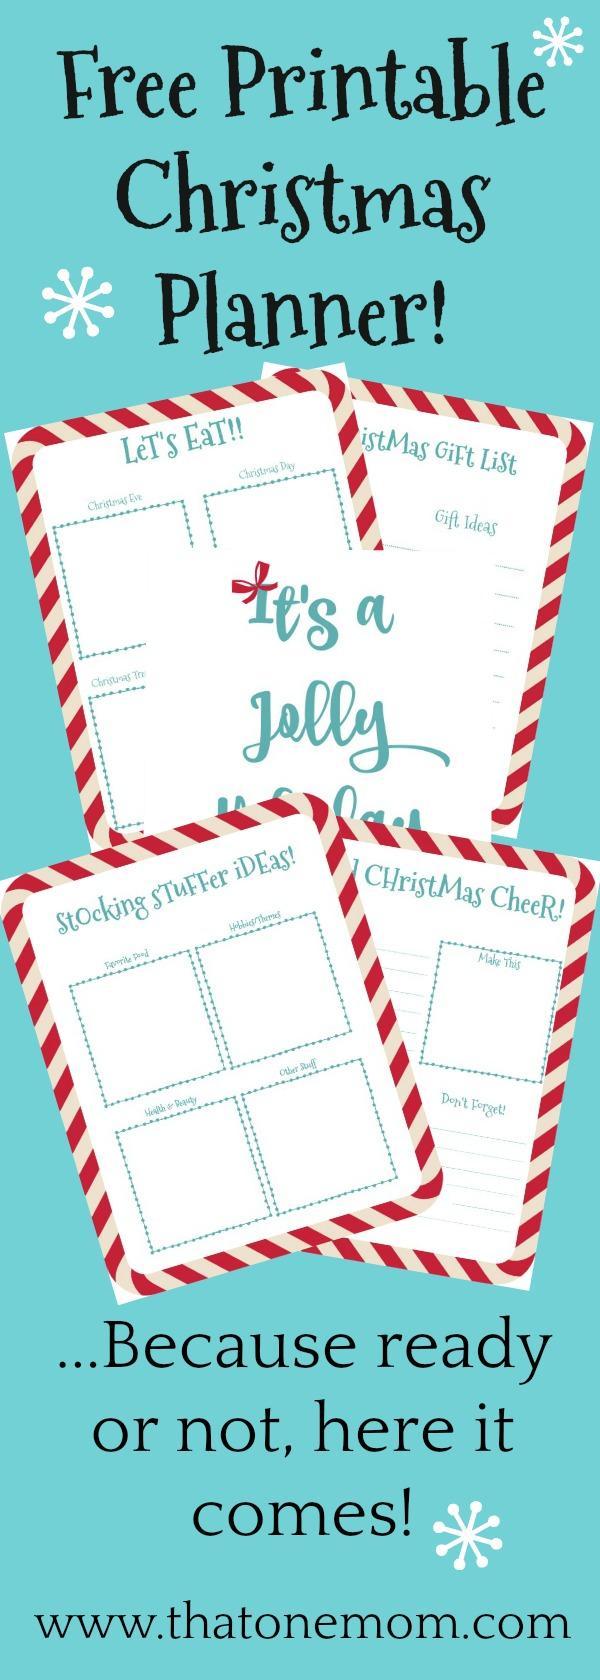 Free Printable Christmas Planner www.thatonemom.com